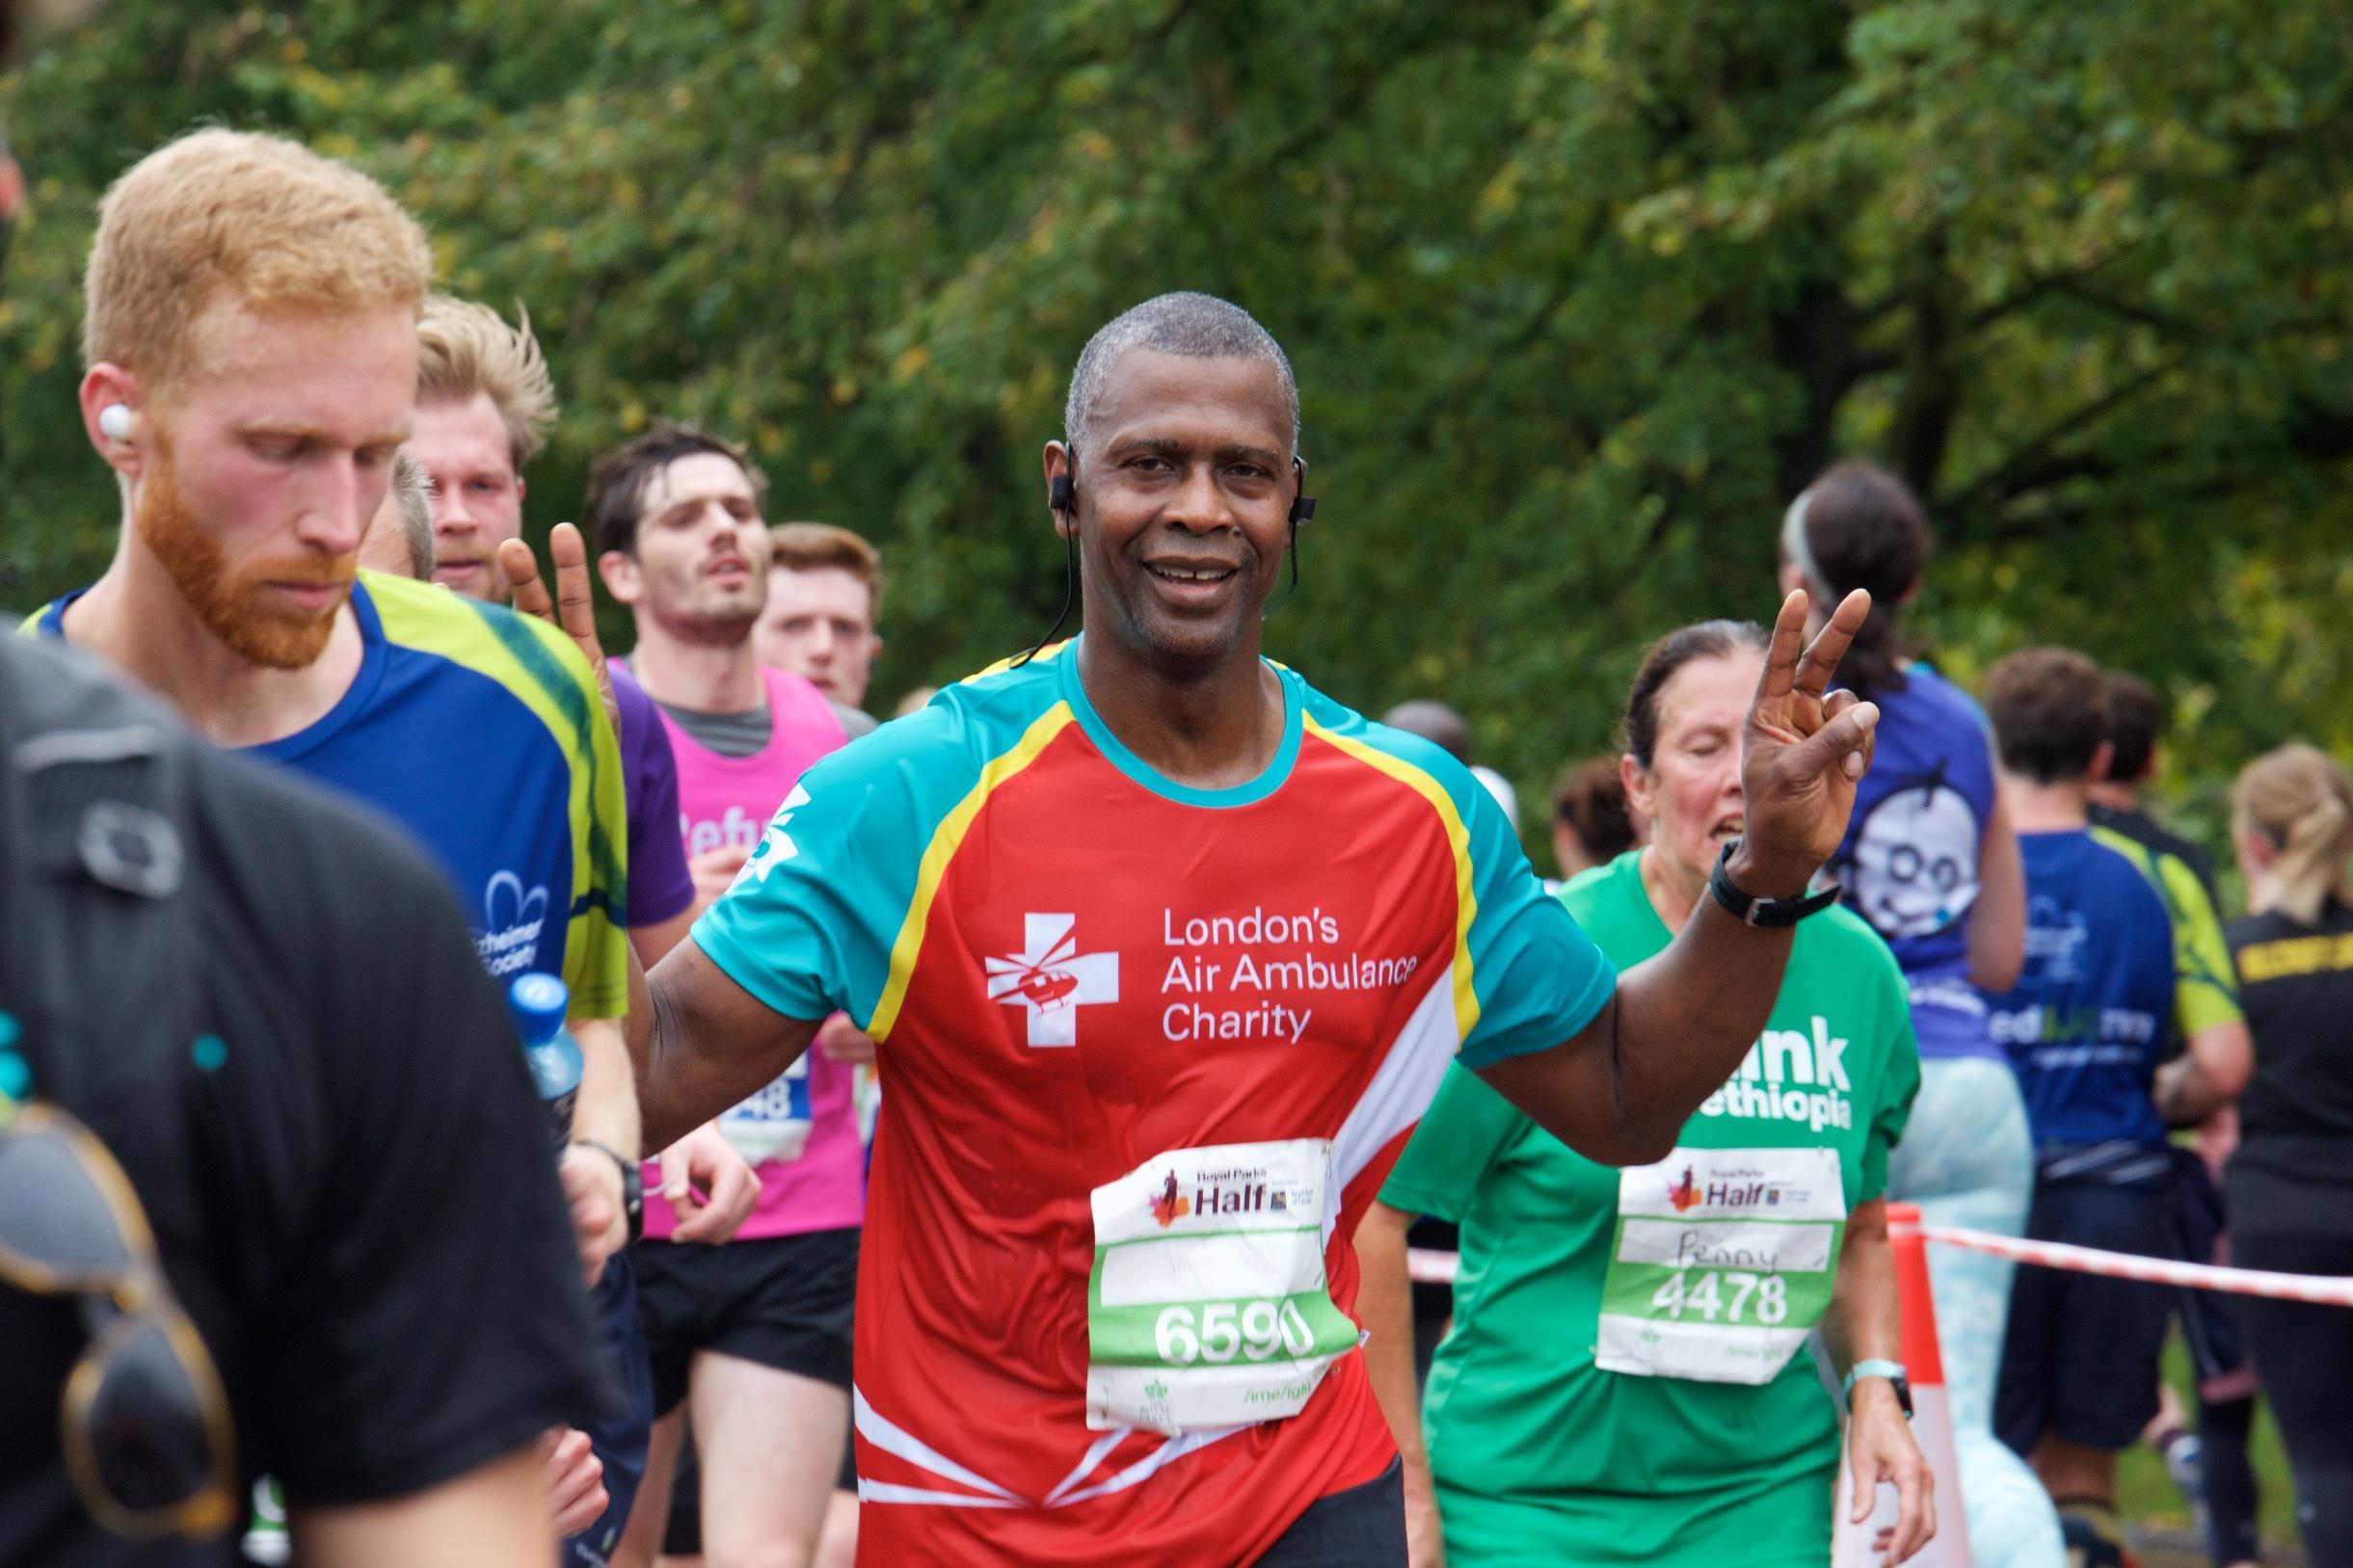 Royal Parks Half Marathon 2021